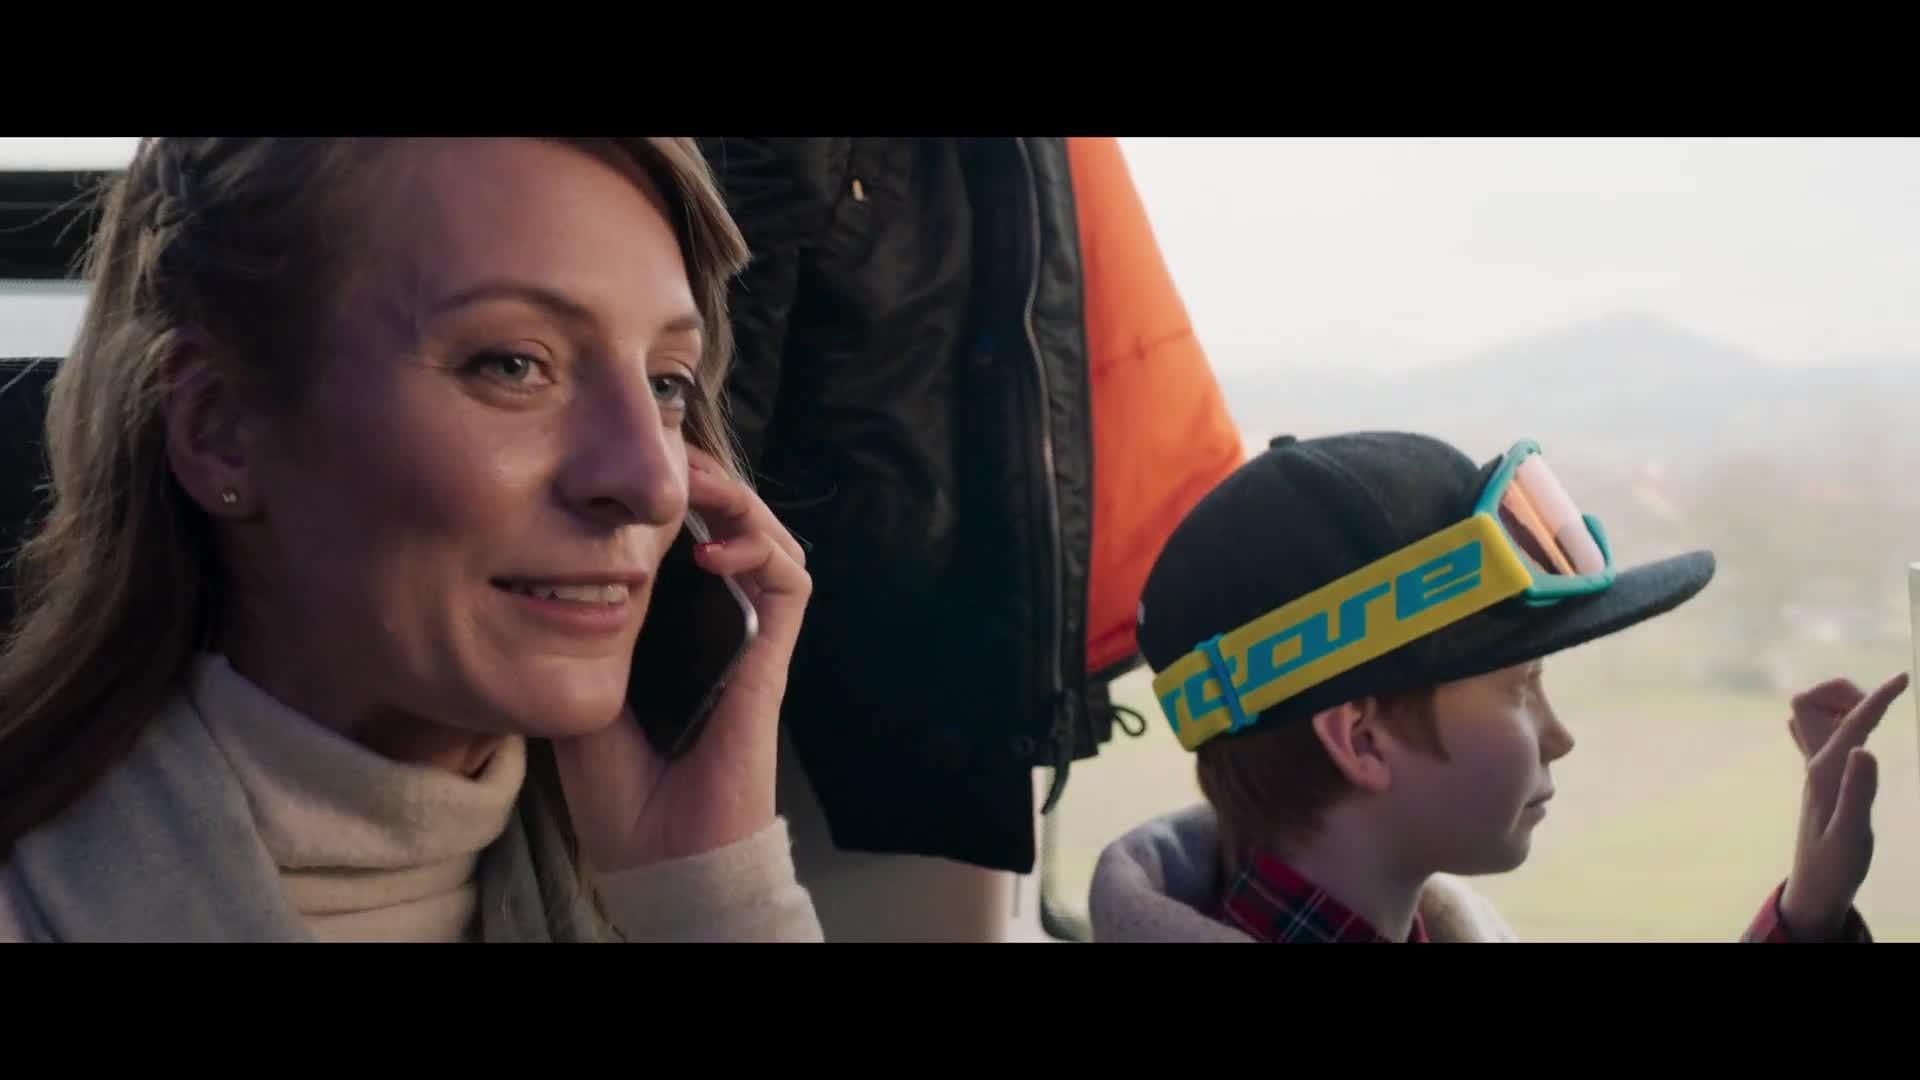 Zenska na vrcholu 2019 CZ film HD 1080p